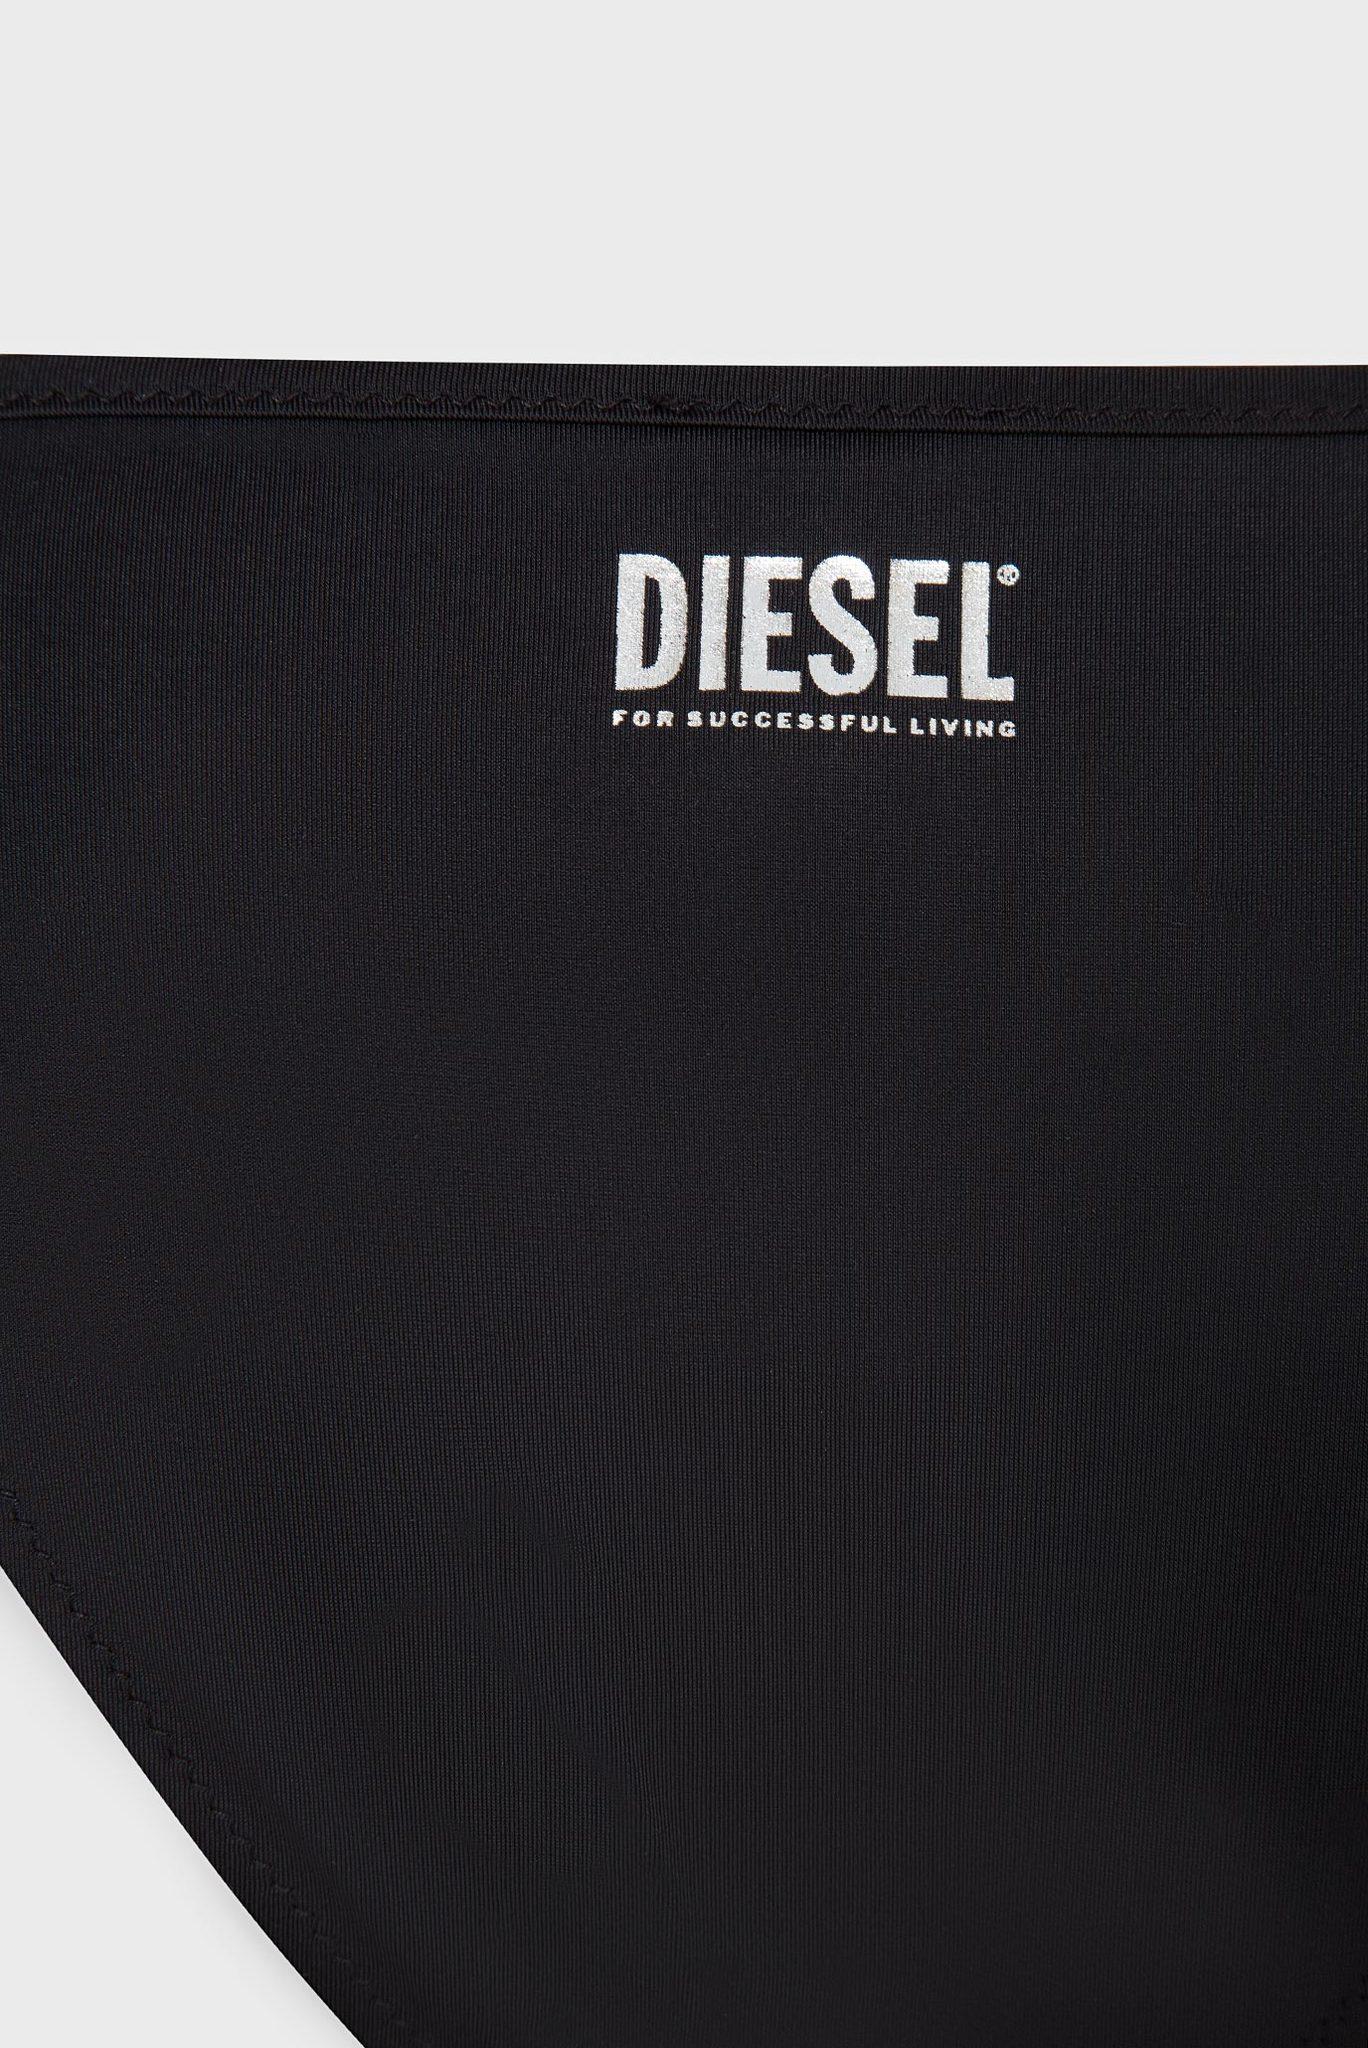 Женские черные трусики от купальника BFPN-NICY Diesel